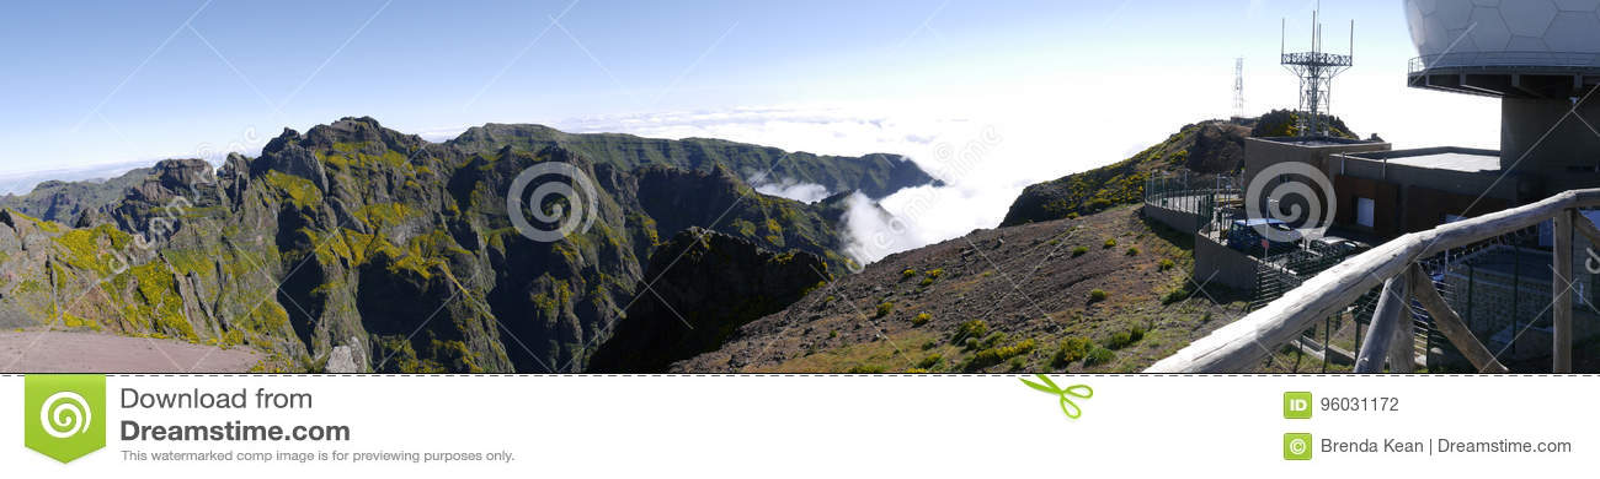 Obrony Powietrznej Radarowa stacja na Pico robi Arieiro, przy 1.818 m wysokimi, jest madery wyspy ` s trzeci wysokim szczytem